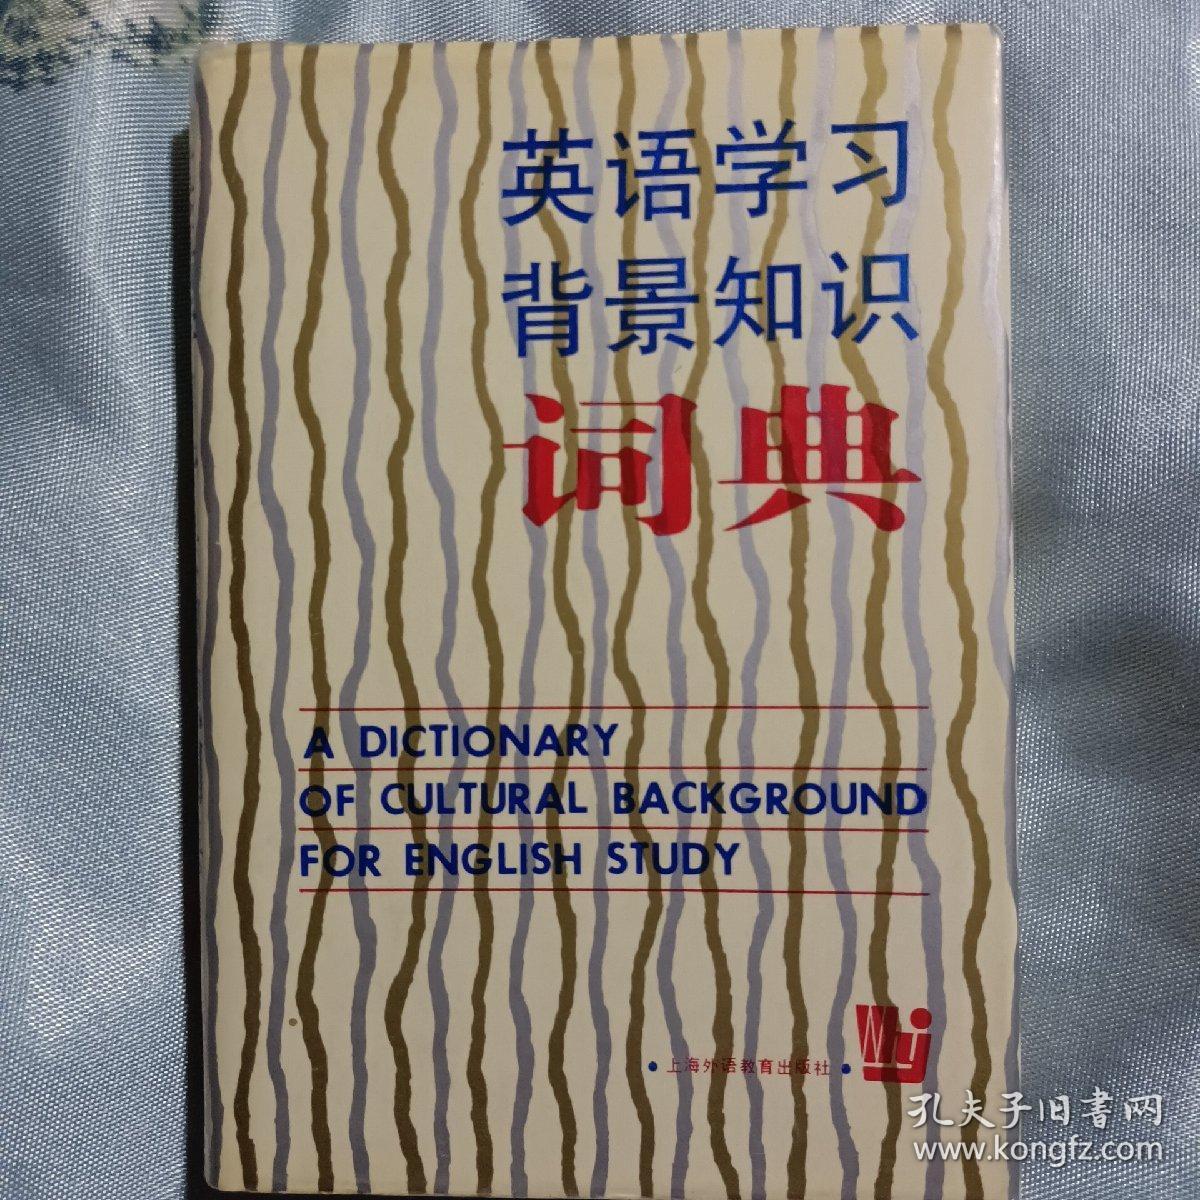 英语学习背景知识词典(精装)